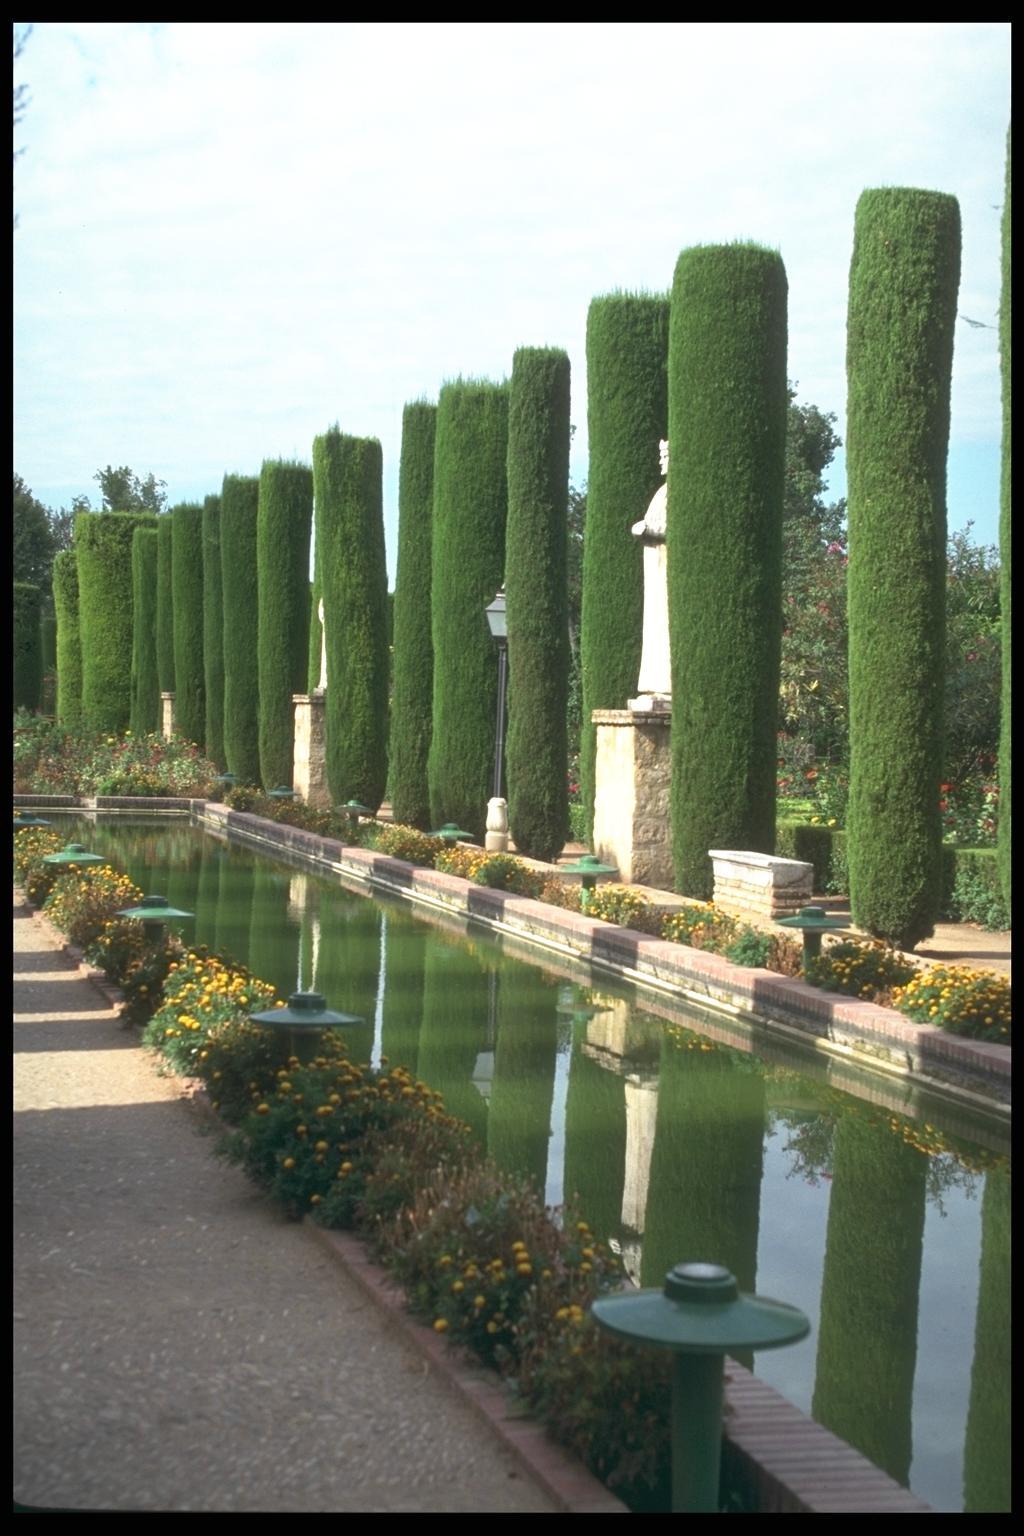 اليكم بعض الصور لحدائق رائعة